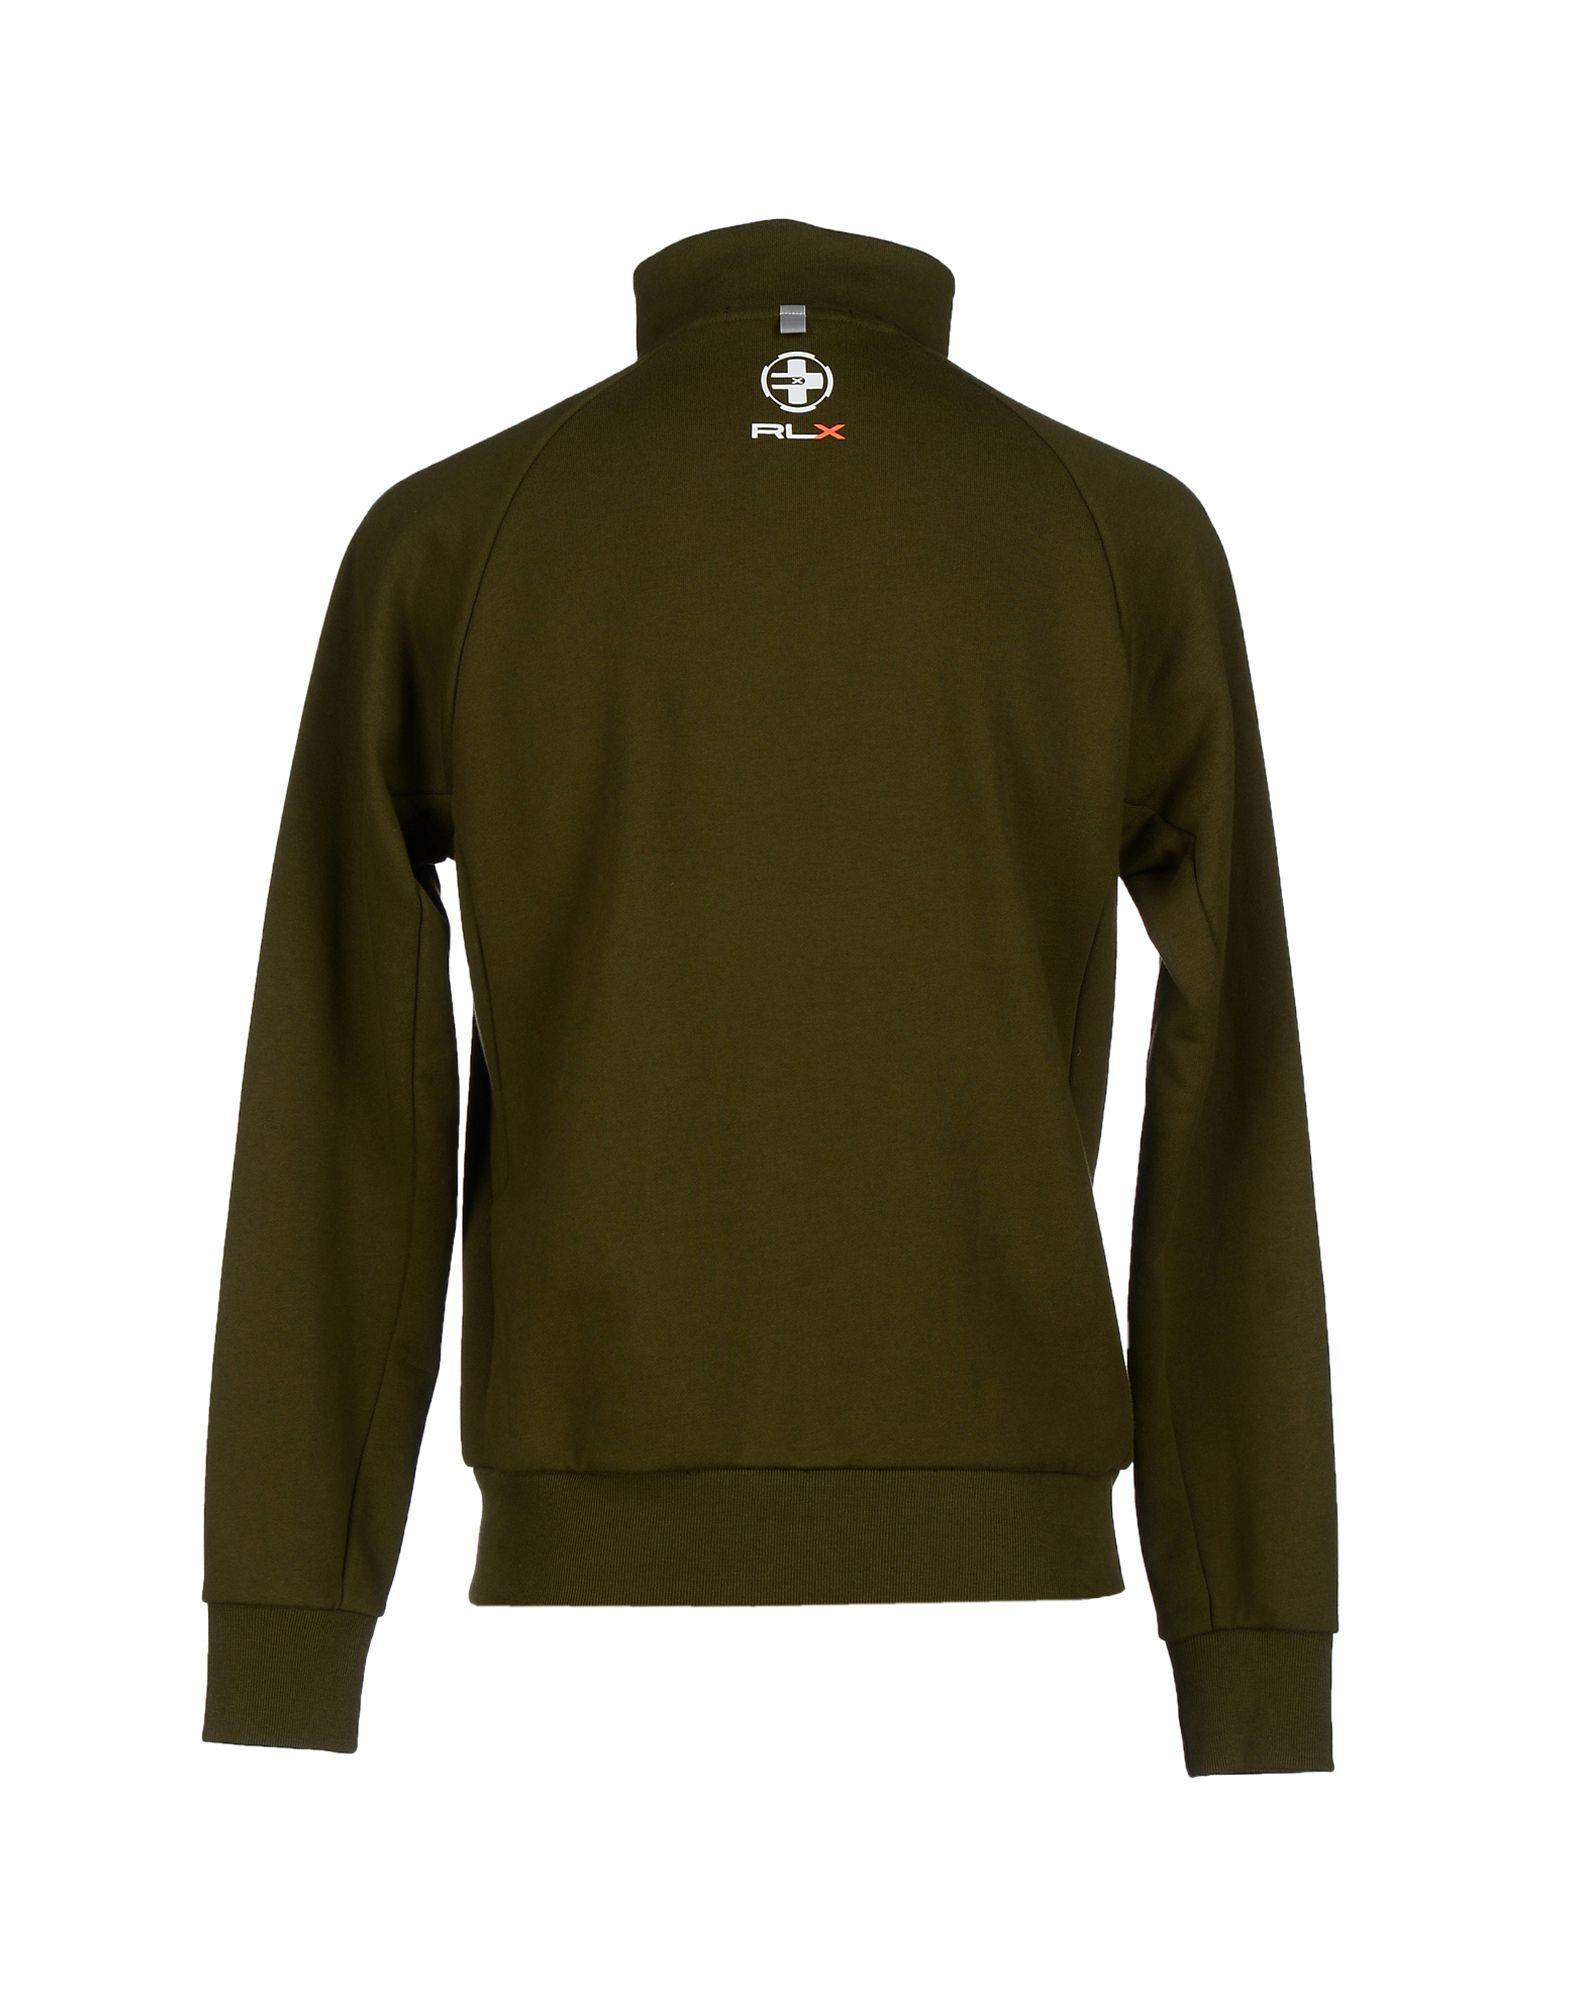 rlx ralph lauren sweatshirt in green for men lyst. Black Bedroom Furniture Sets. Home Design Ideas